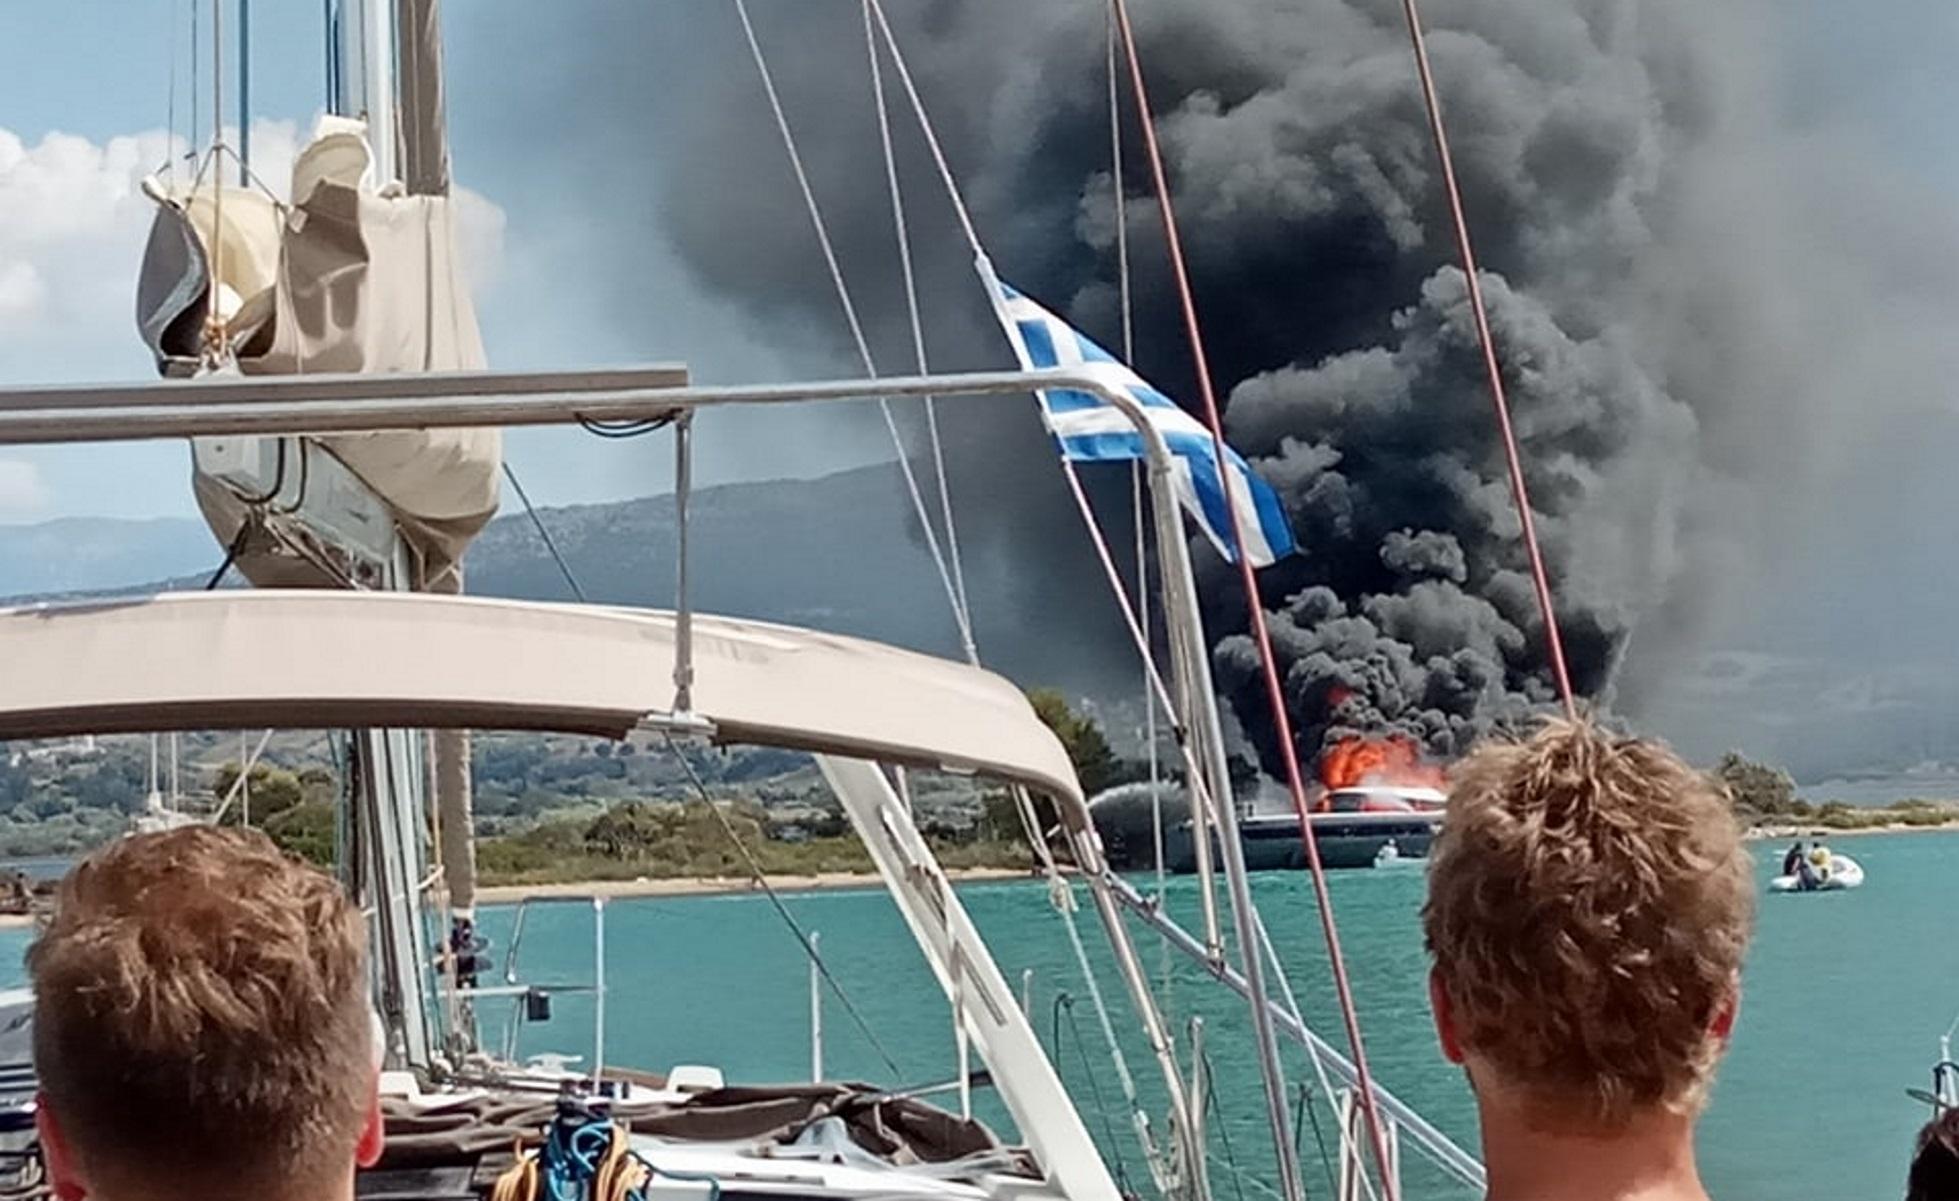 Λευκάδα: Βίντεο από φωτιά σε θαλαμηγό – Μαύρος καπνός σκέπασε το λιμάνι